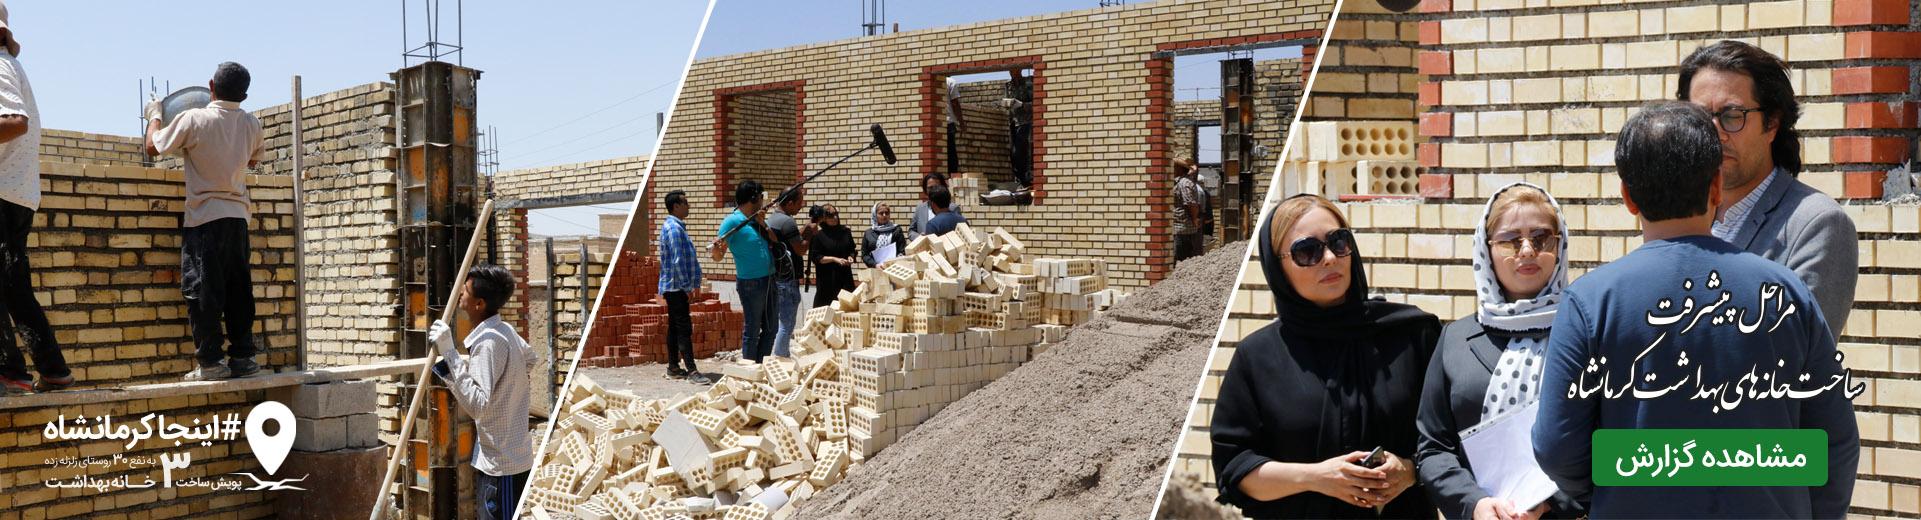 گزارش پیشرفت پروژه #اینجاکرمانشاه ساخت خانه های بهداشت کرمانشاه موسسه خیریه نیکوکاران شریف